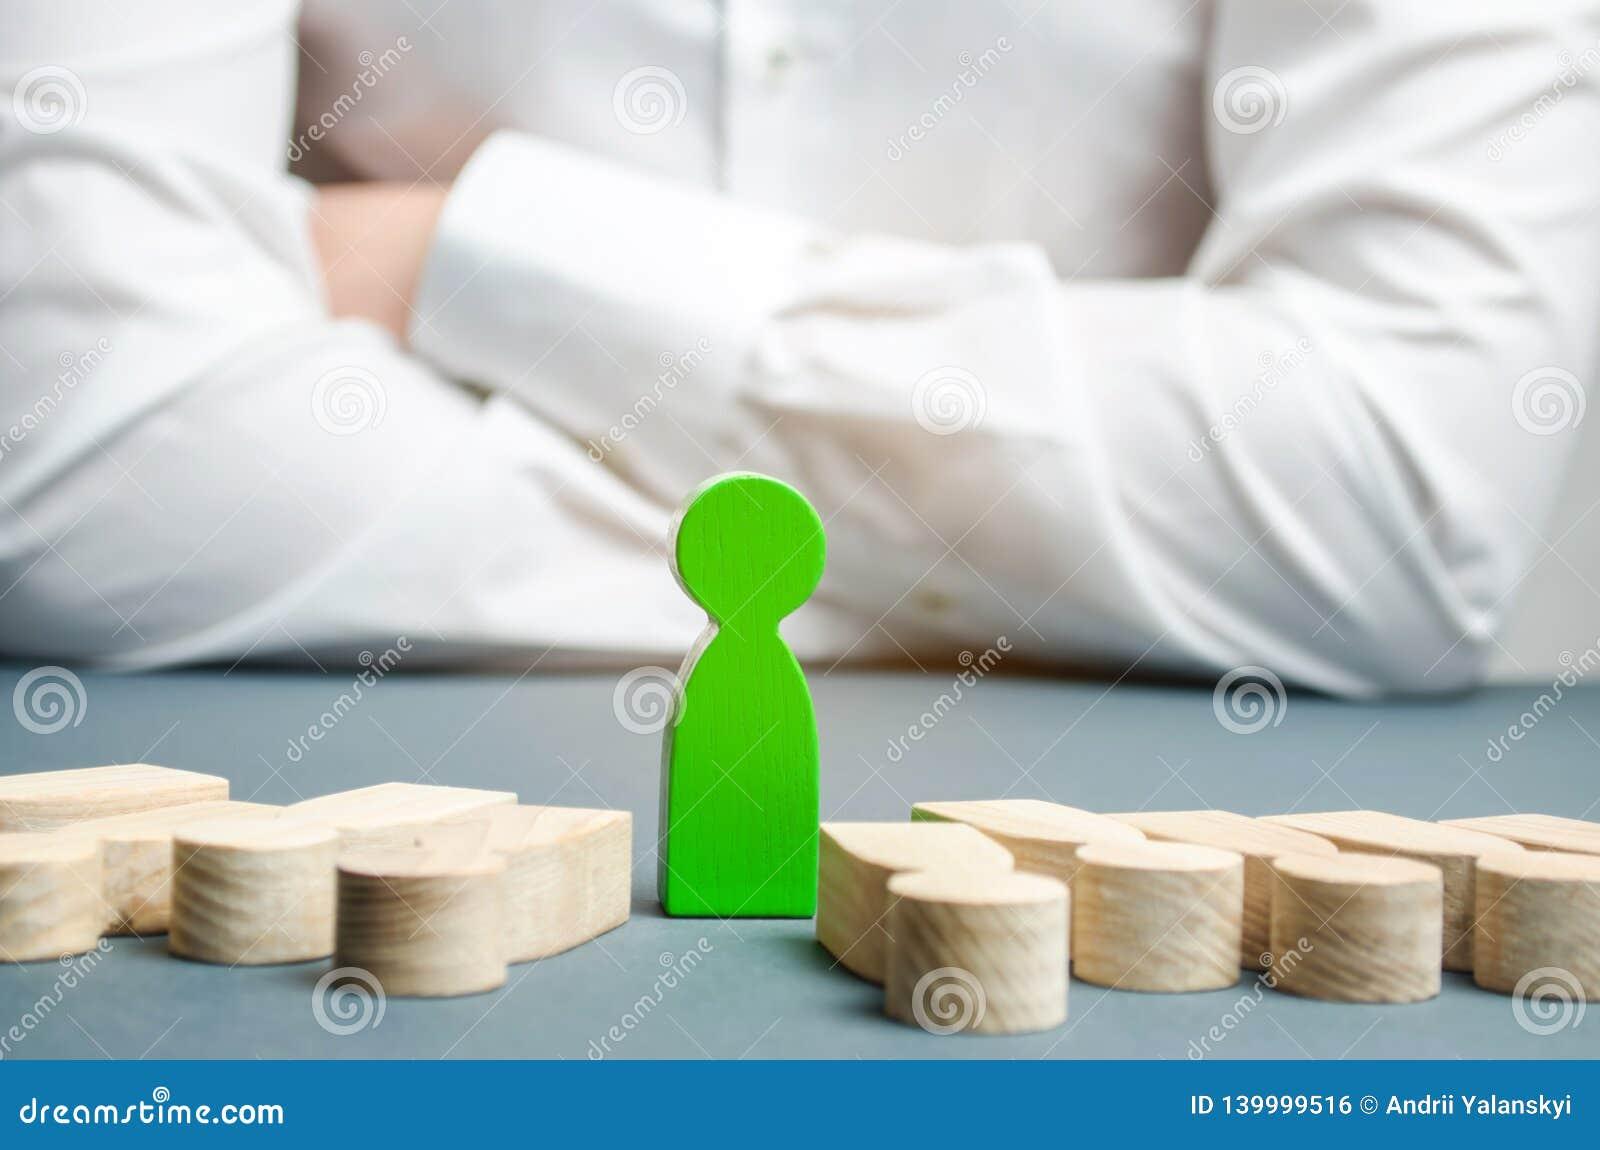 La figura verde de un hombre se coloca entre la gente de mentira Opción acertada El líder elige a la persona en el equipo